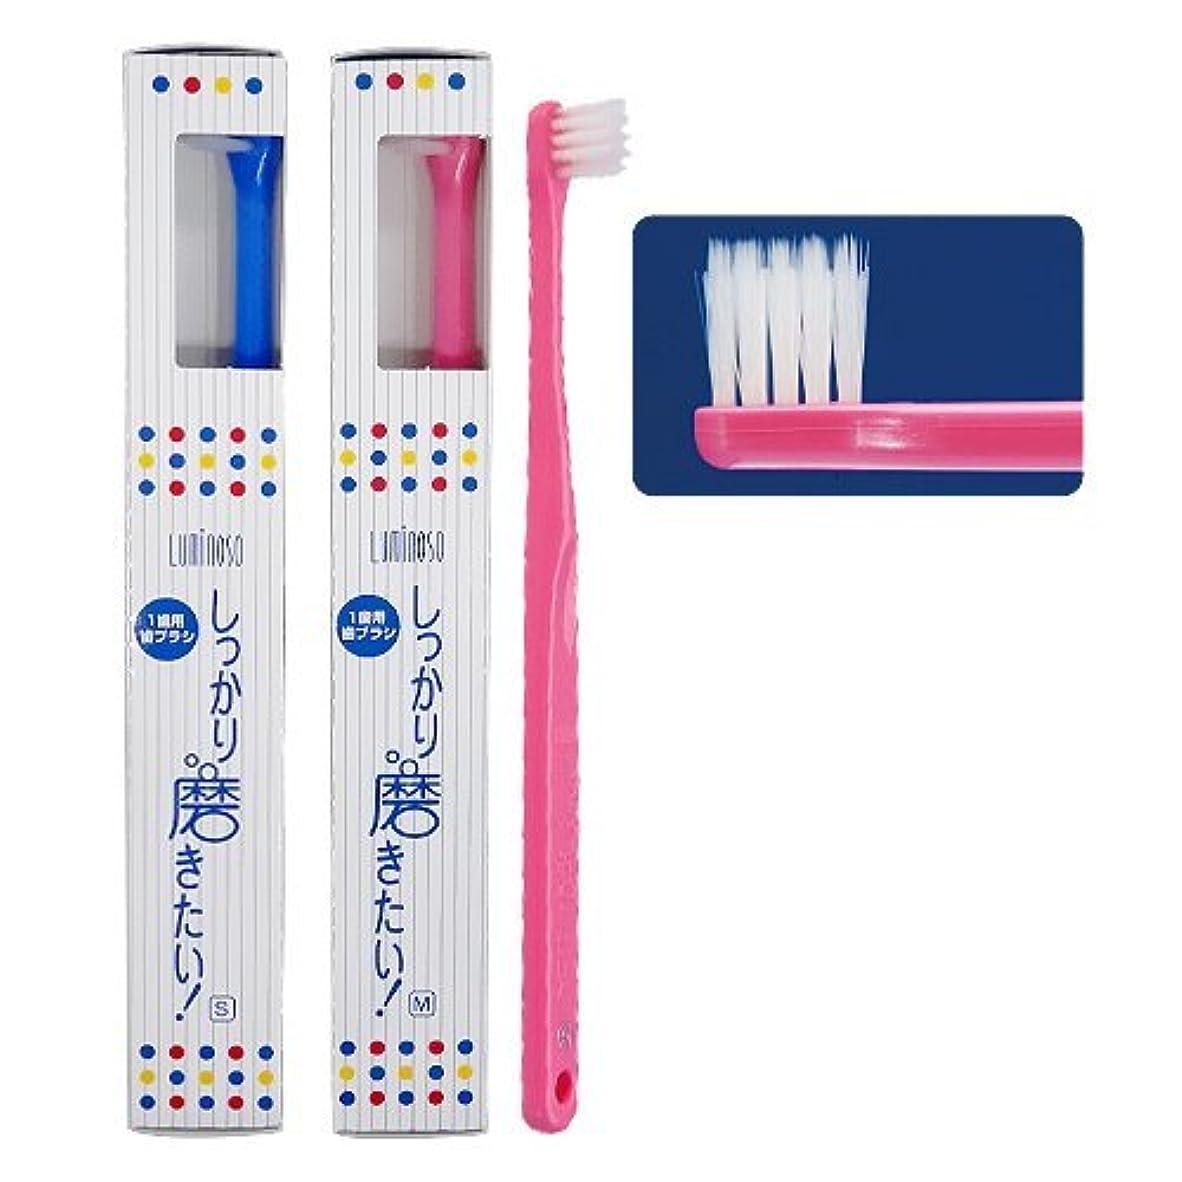 収入無駄施しルミノソ 1歯用歯ブラシ「しっかり磨きたい!」スタンダード ミディアム (カラー指定不可) 10本